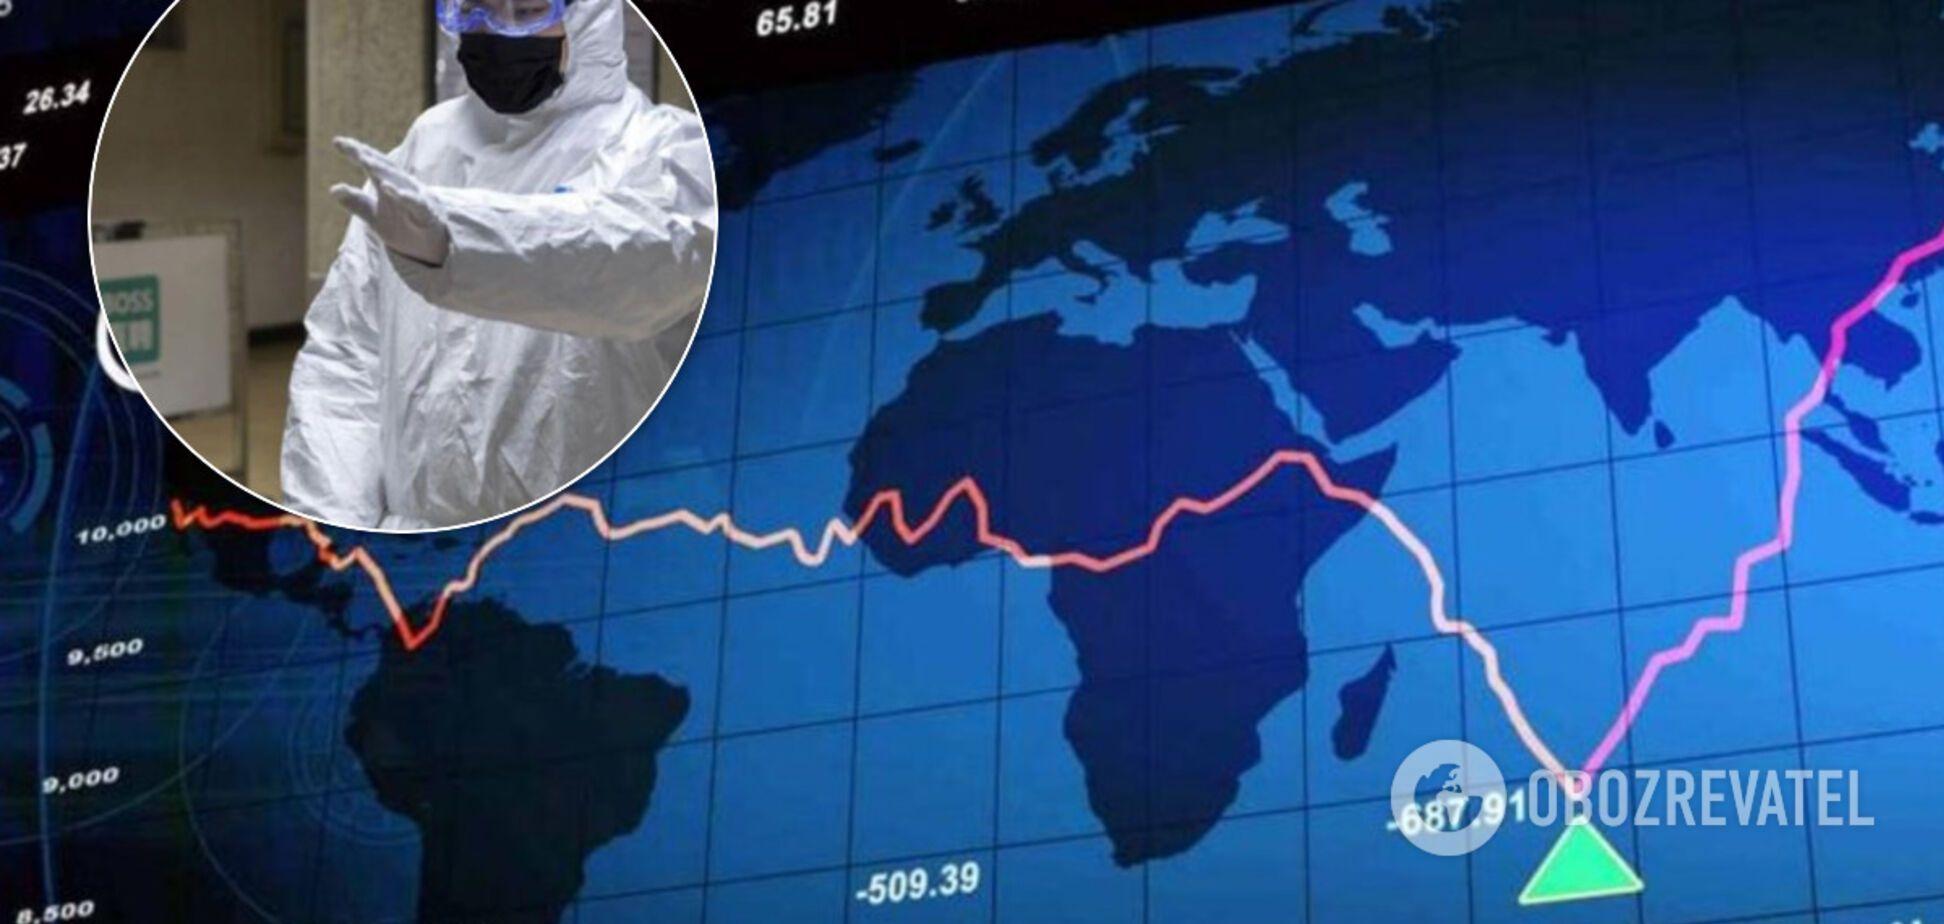 Эпидемия стала глобальной: глава МВФ назвала новые угрозы от коронавируса